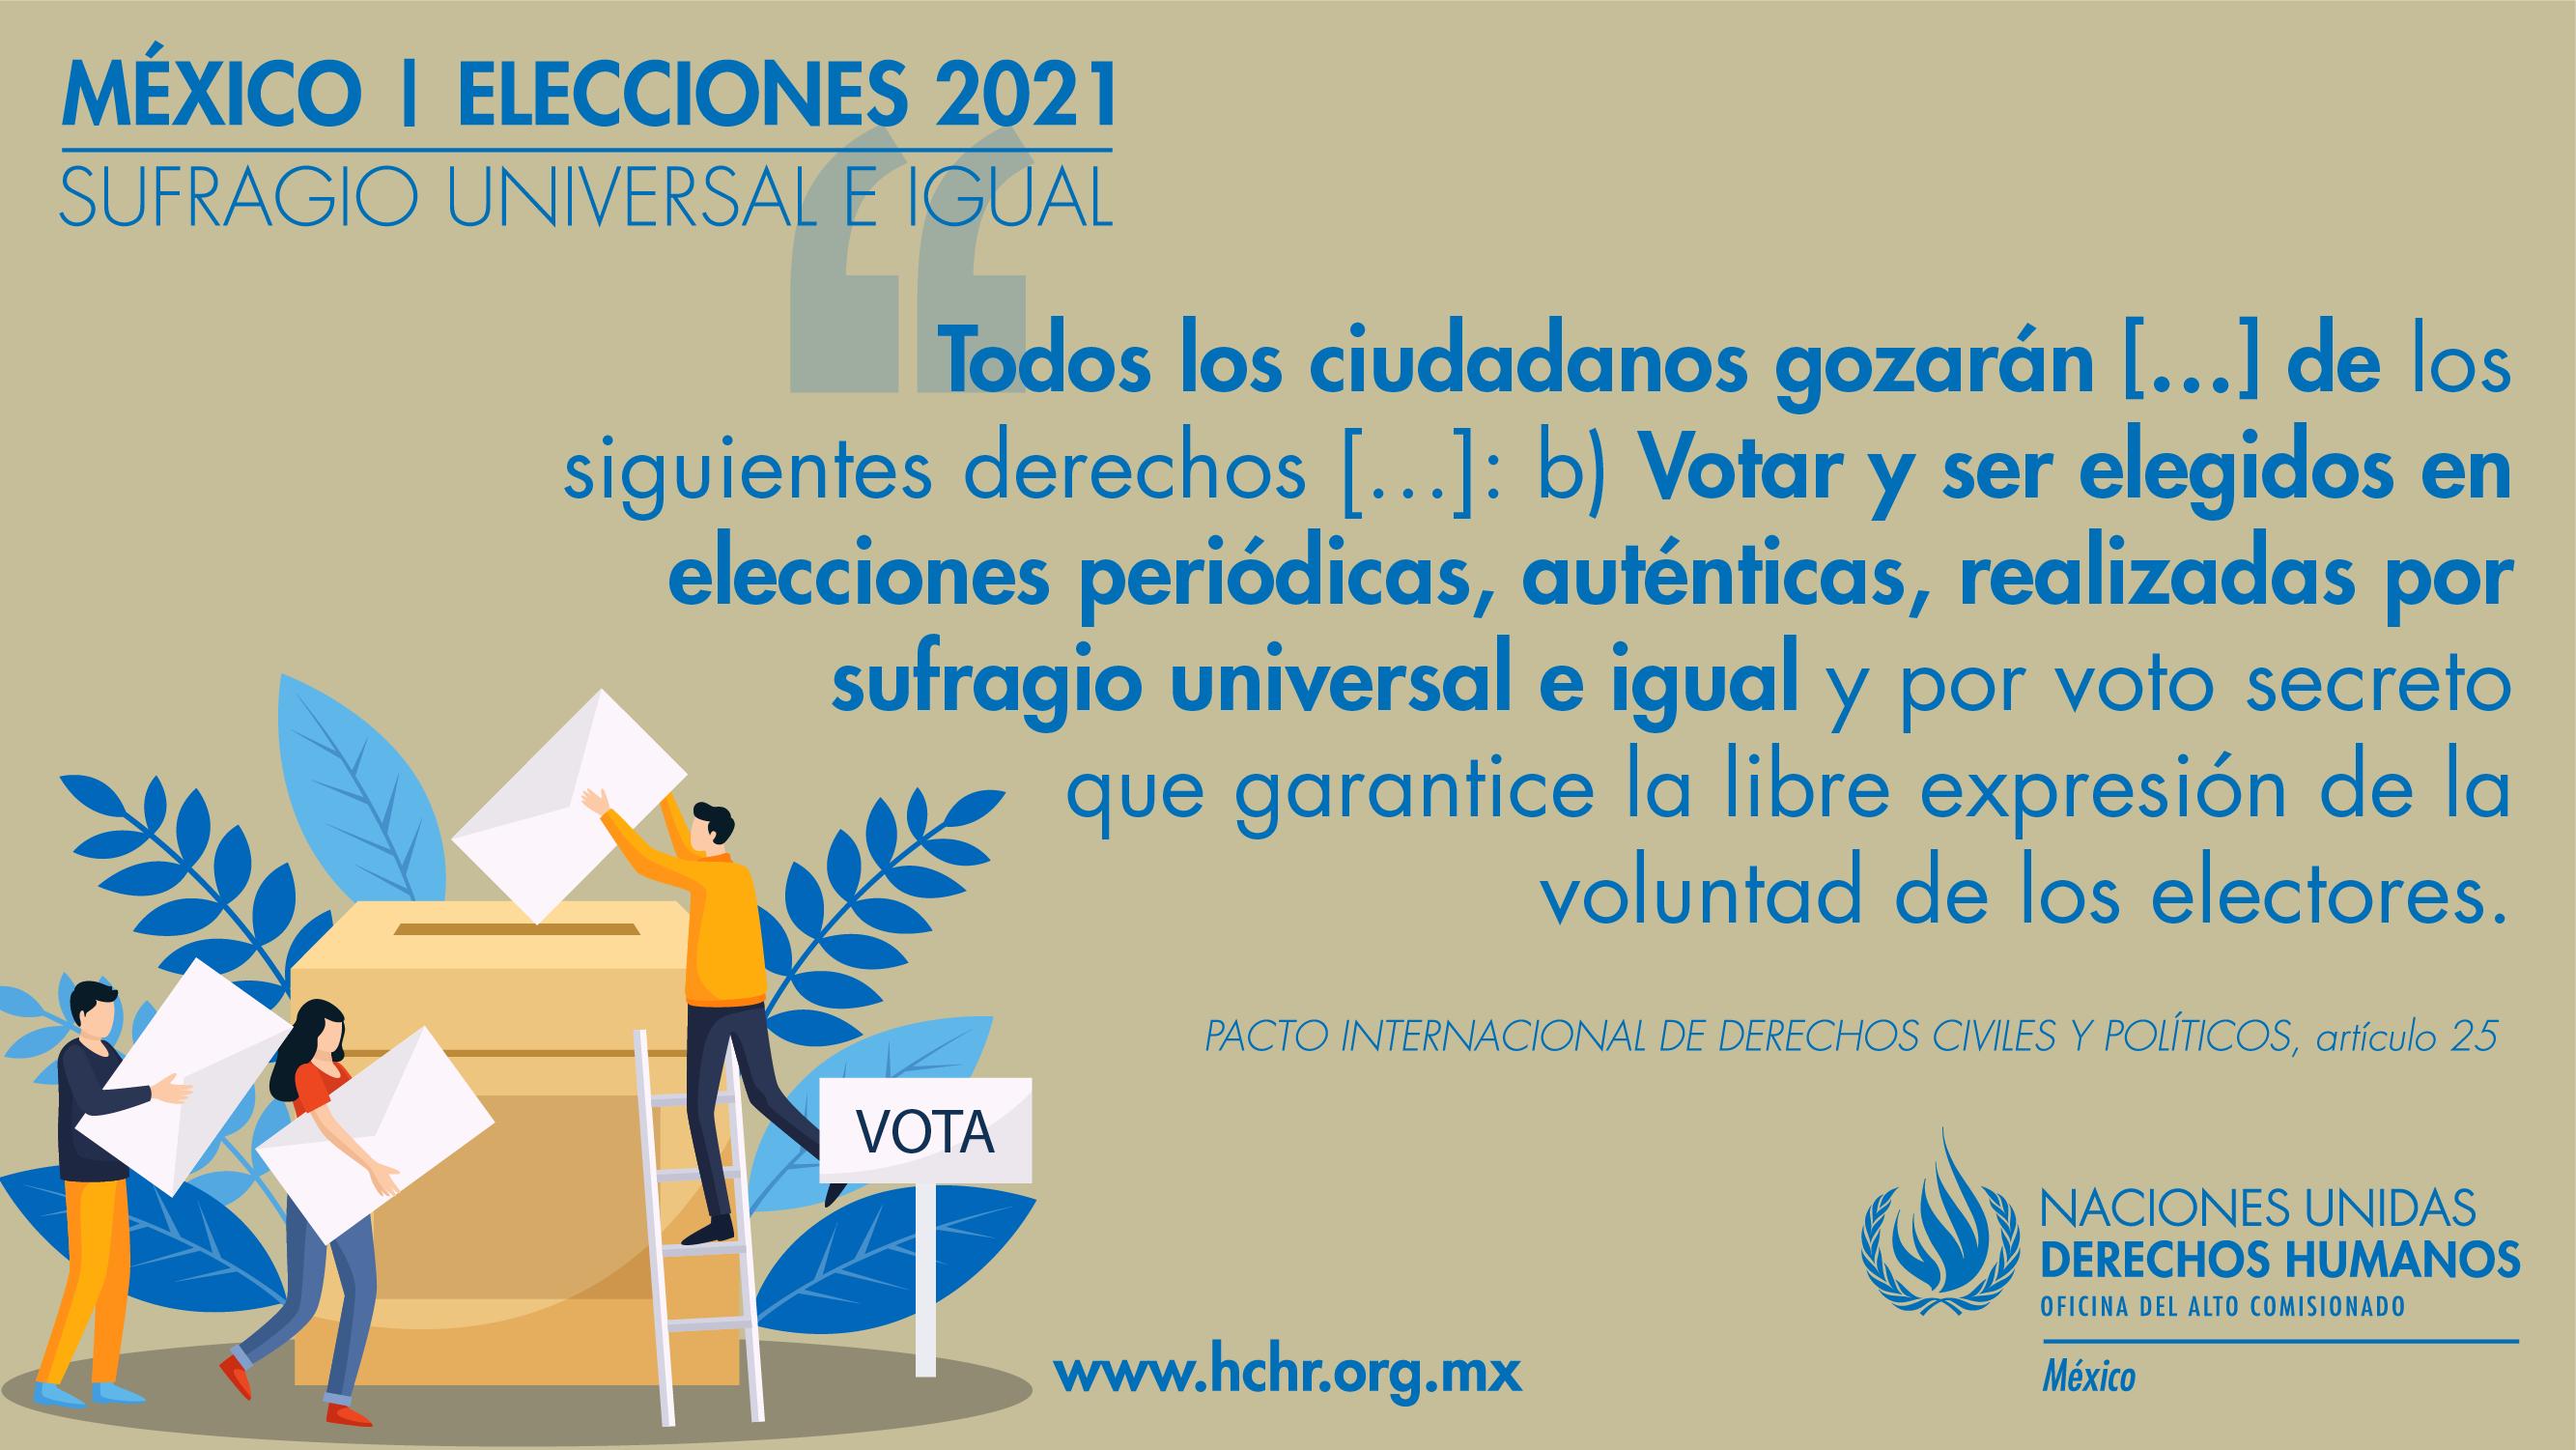 YA_Postales_EstándaresDH_Elecciones_Mesa de trabajo 1 copia 11